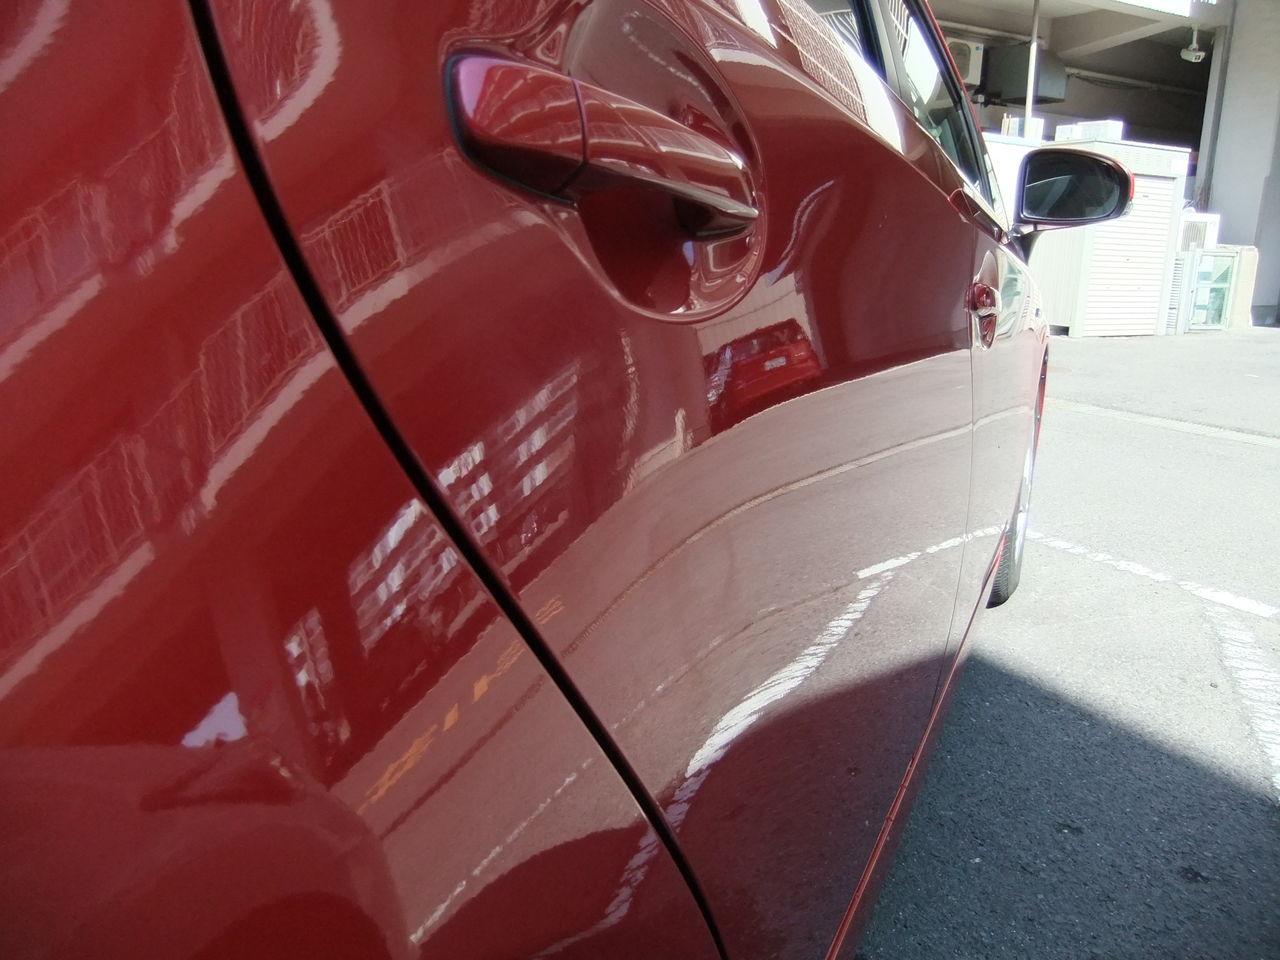 ... に値する!:赤プリ君の洗車